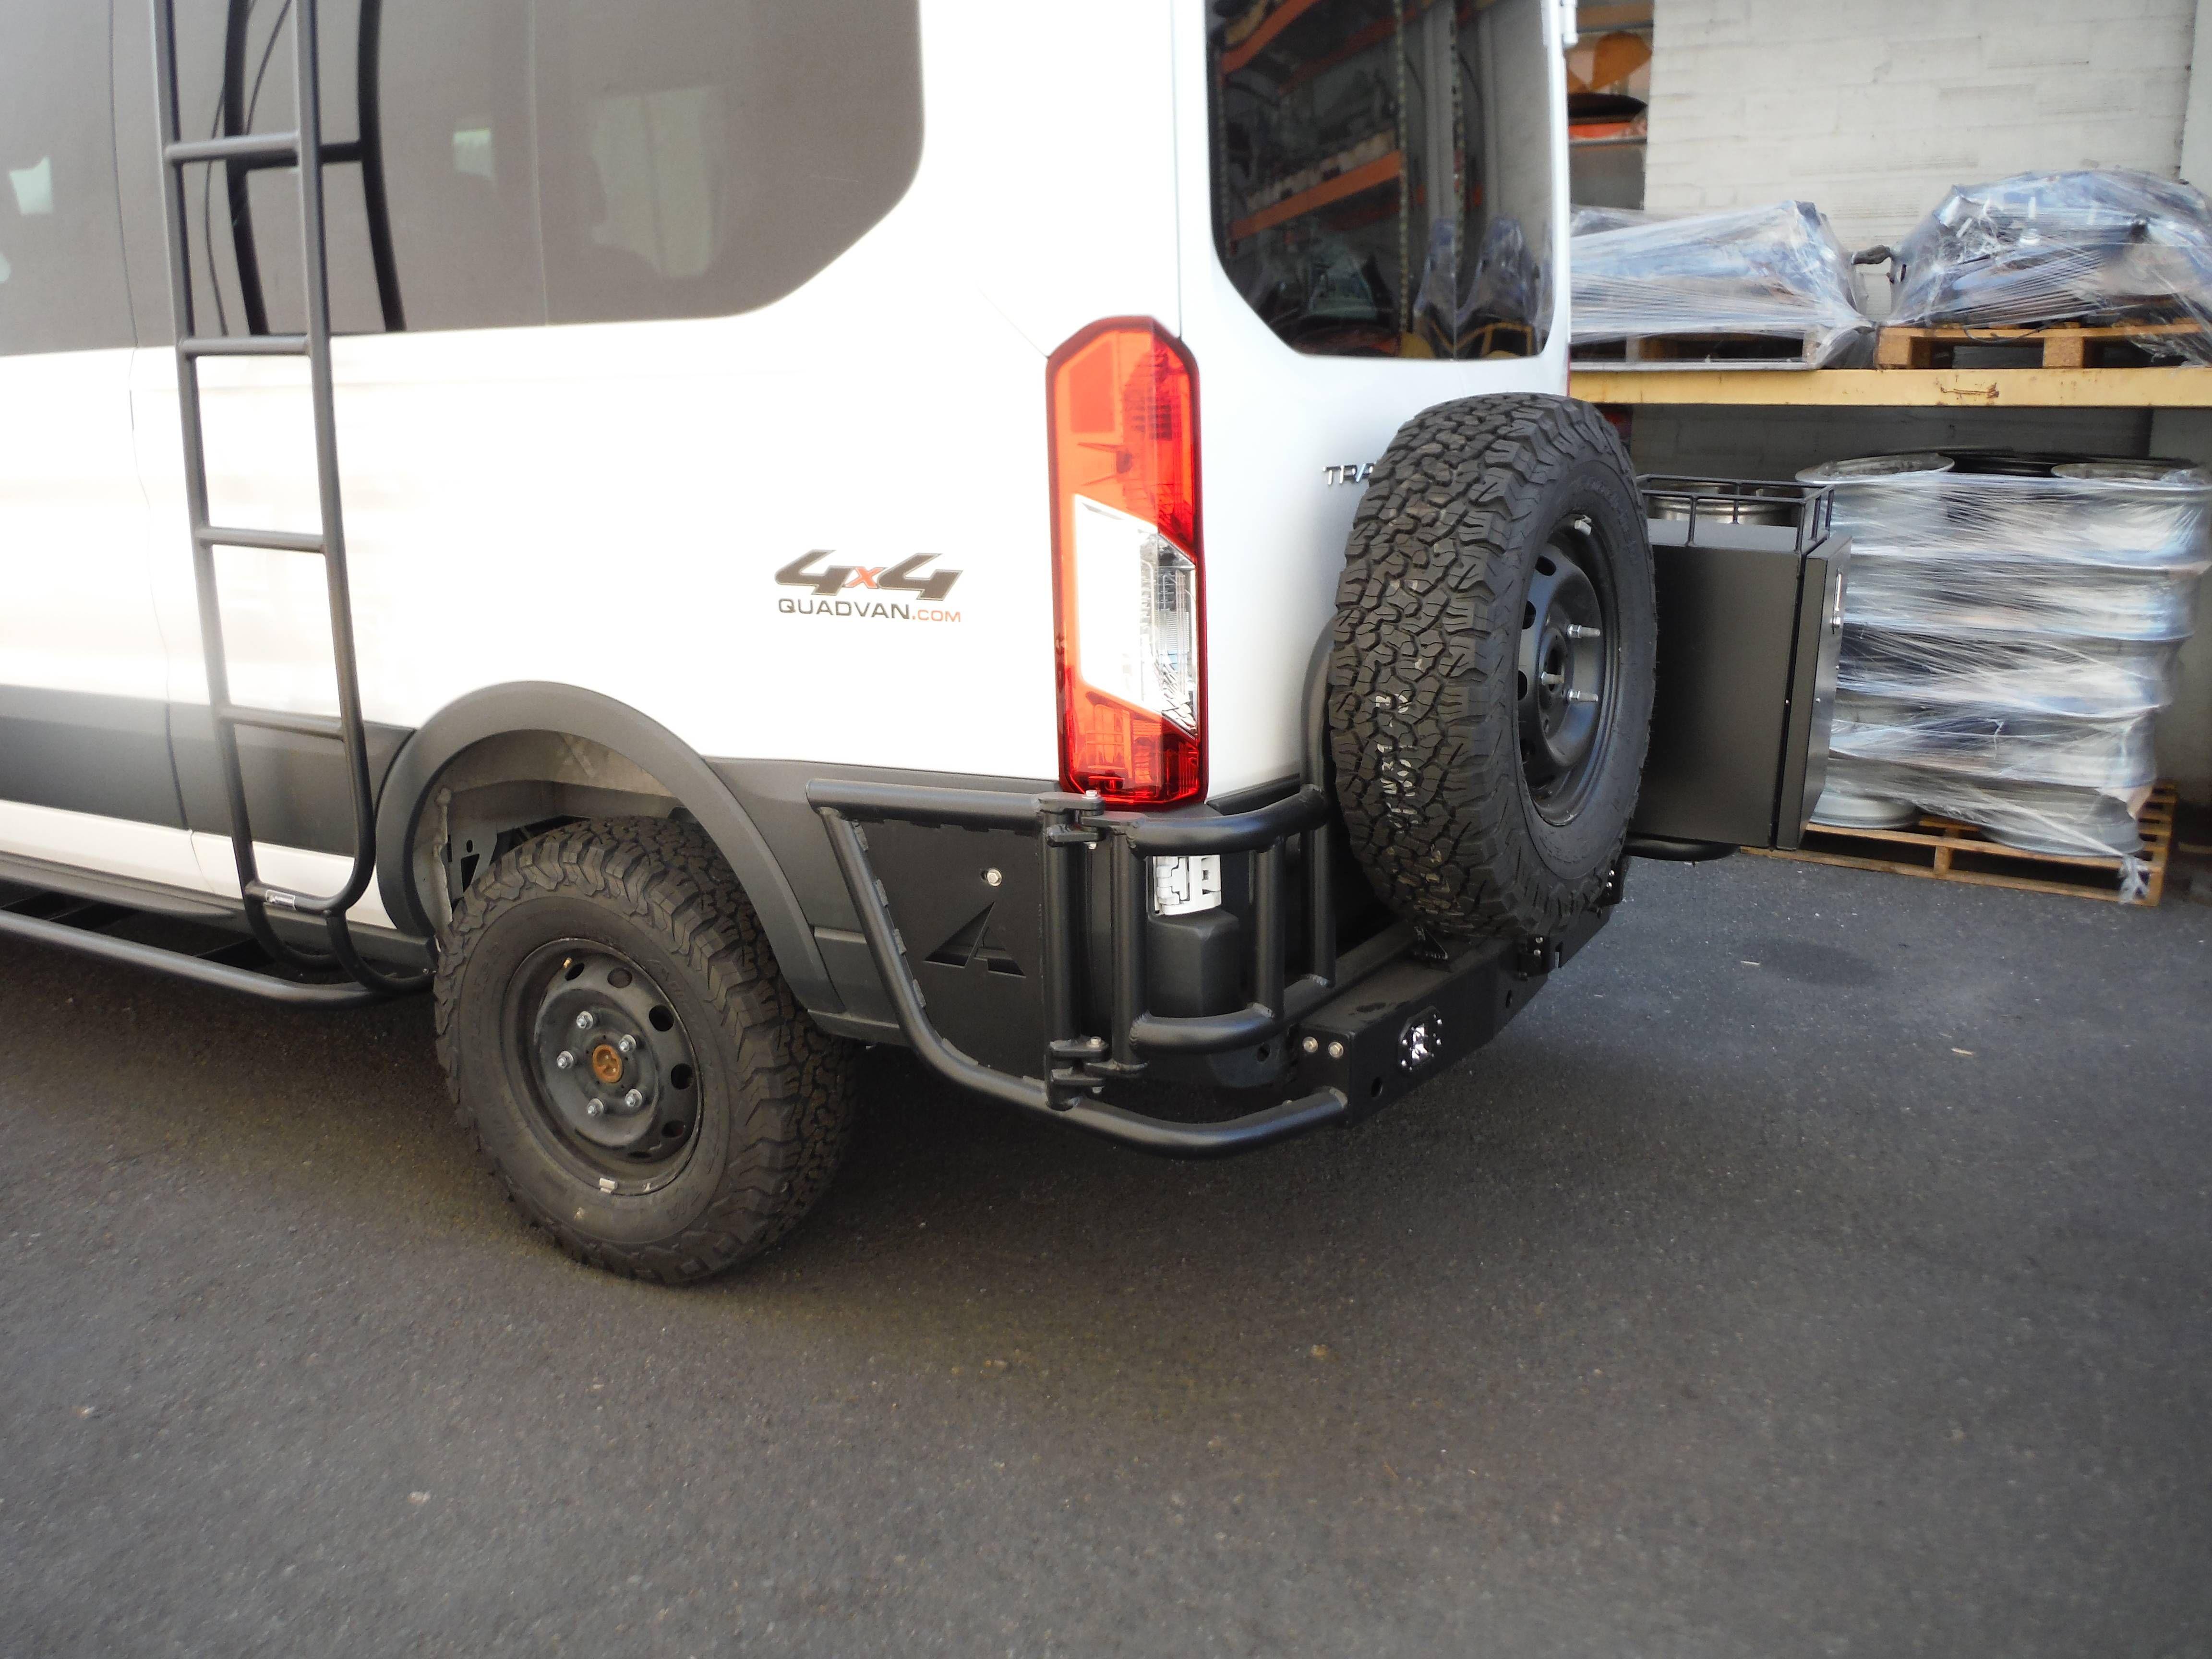 Quadvan 4x4 - Ford Transit USA Forum | 4x4 transit ...